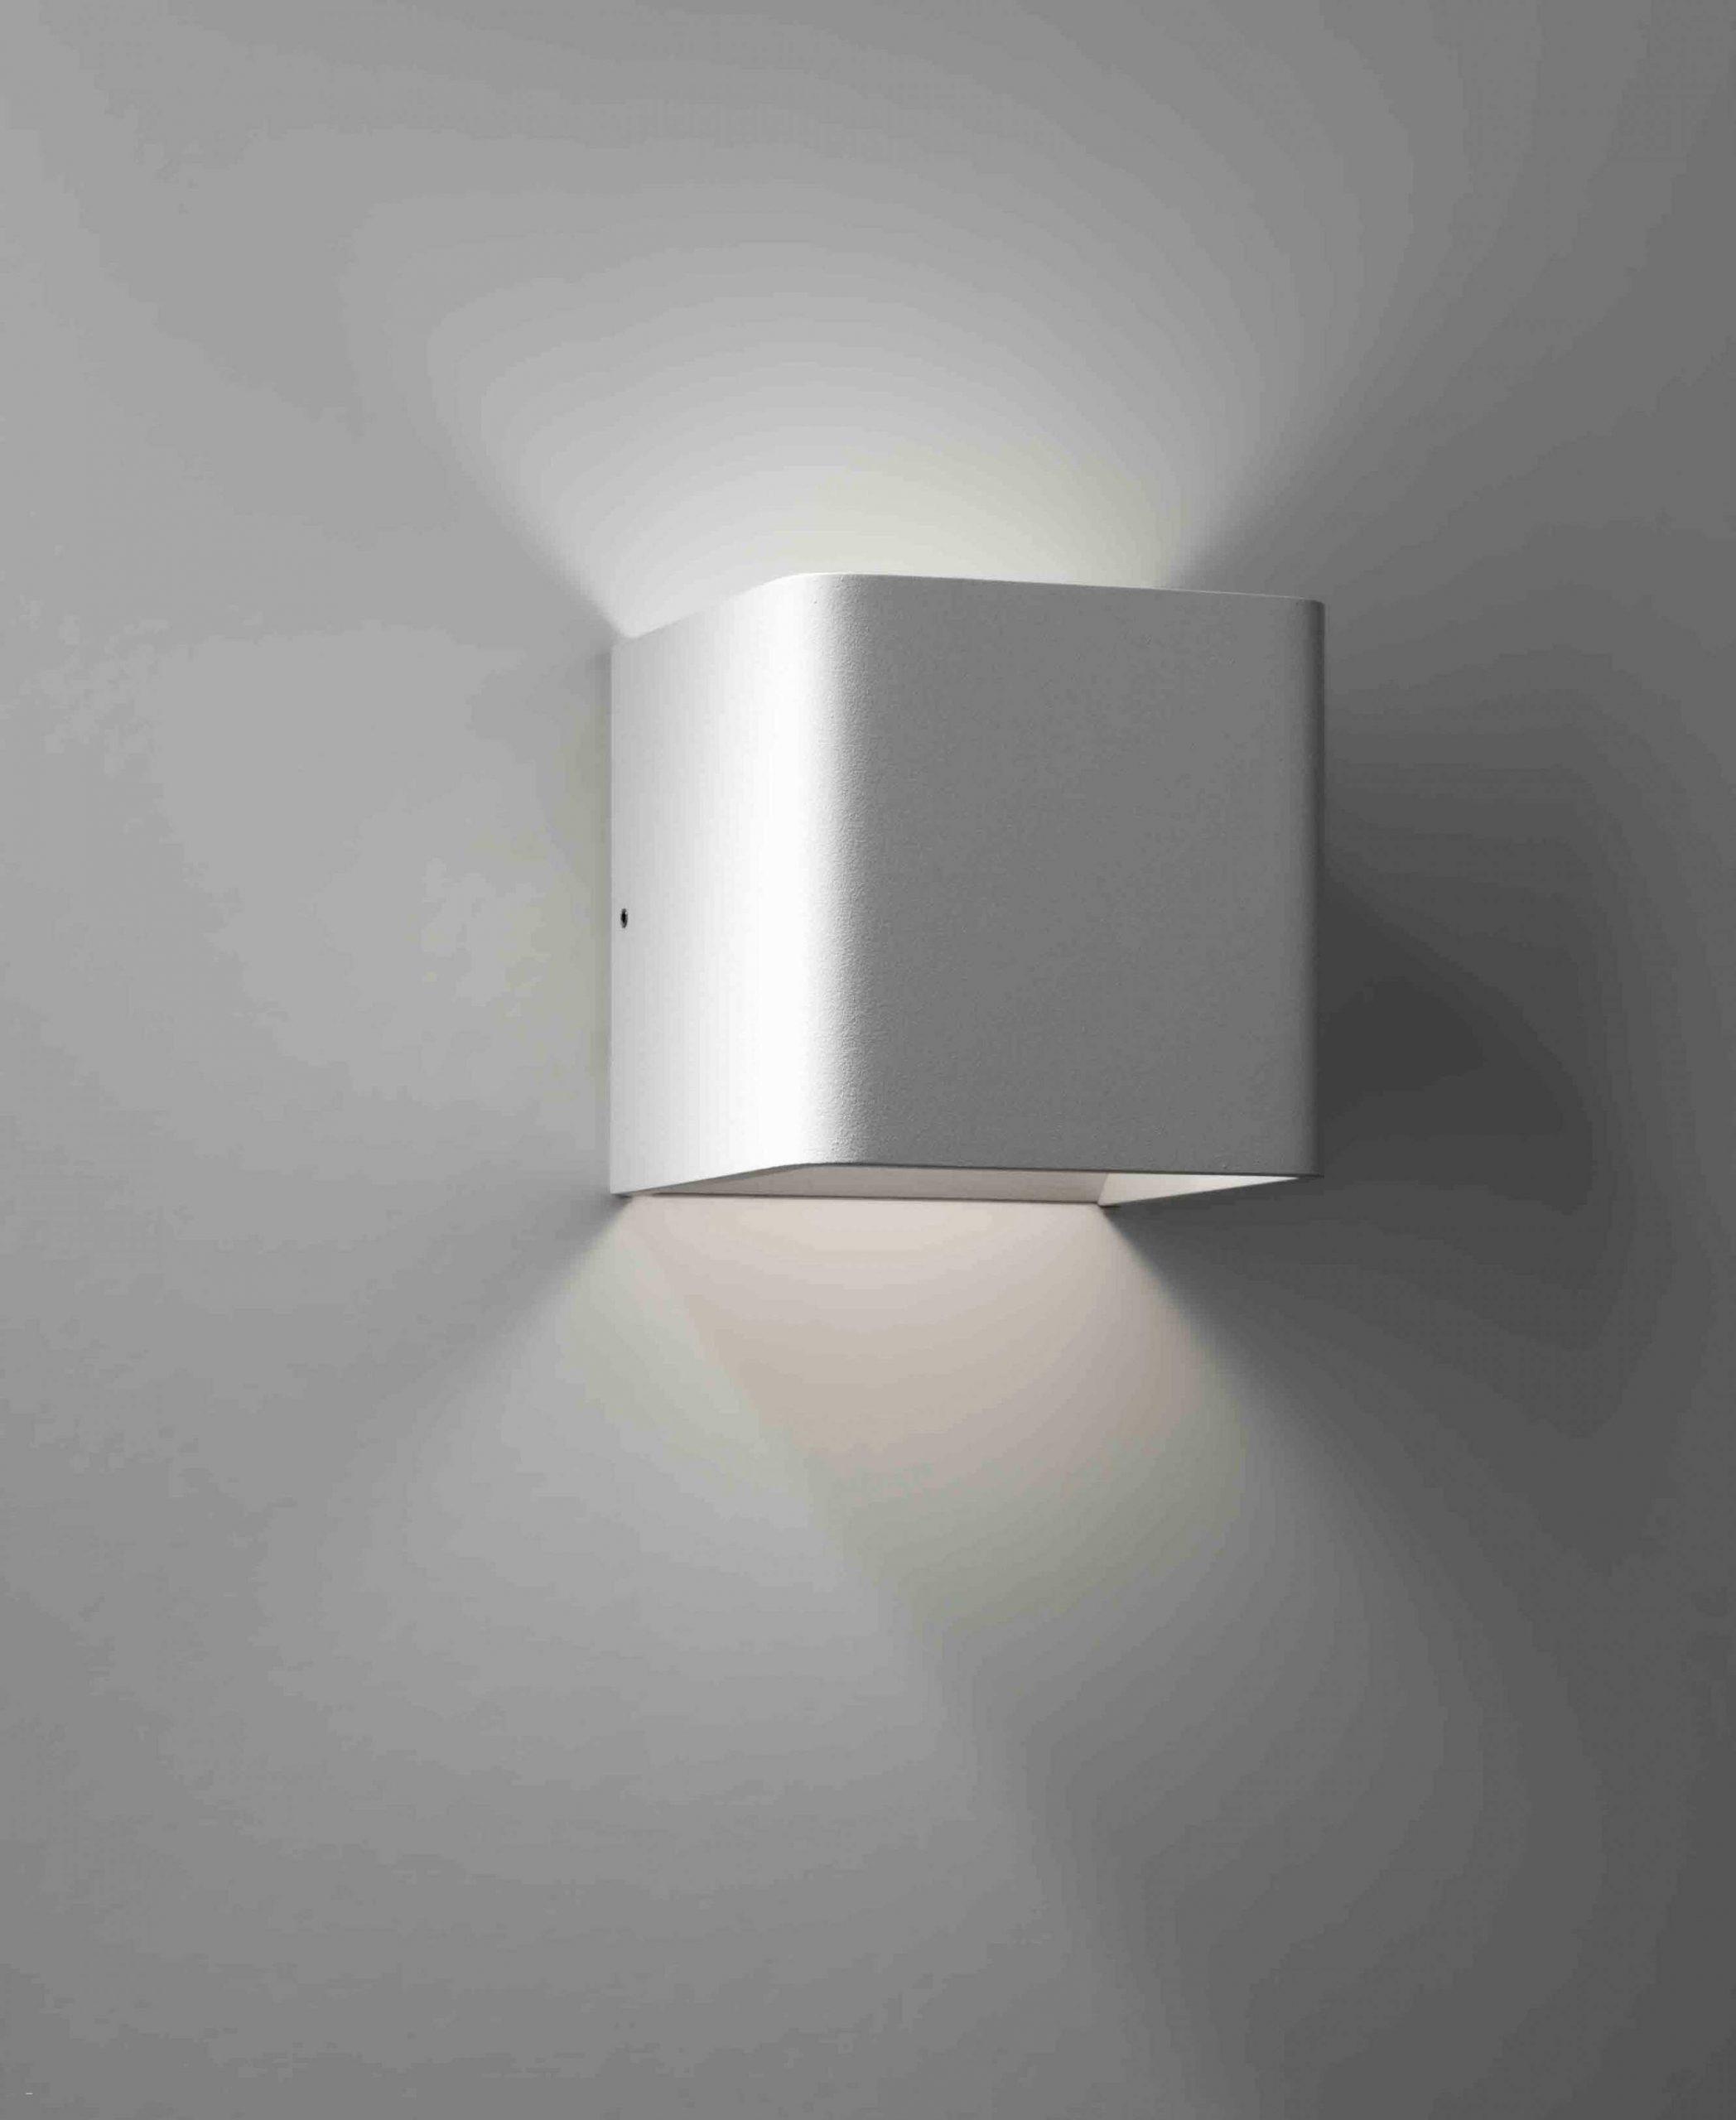 Full Size of Wandleuchte Schlafzimmer Xyzs Wandlampe Kreative Neue Chinesische Wand Lampe Einfache Bad Vorhänge Komplett Poco Wandleuchten Lampen Wandbilder Regal Günstig Schlafzimmer Wandleuchte Schlafzimmer